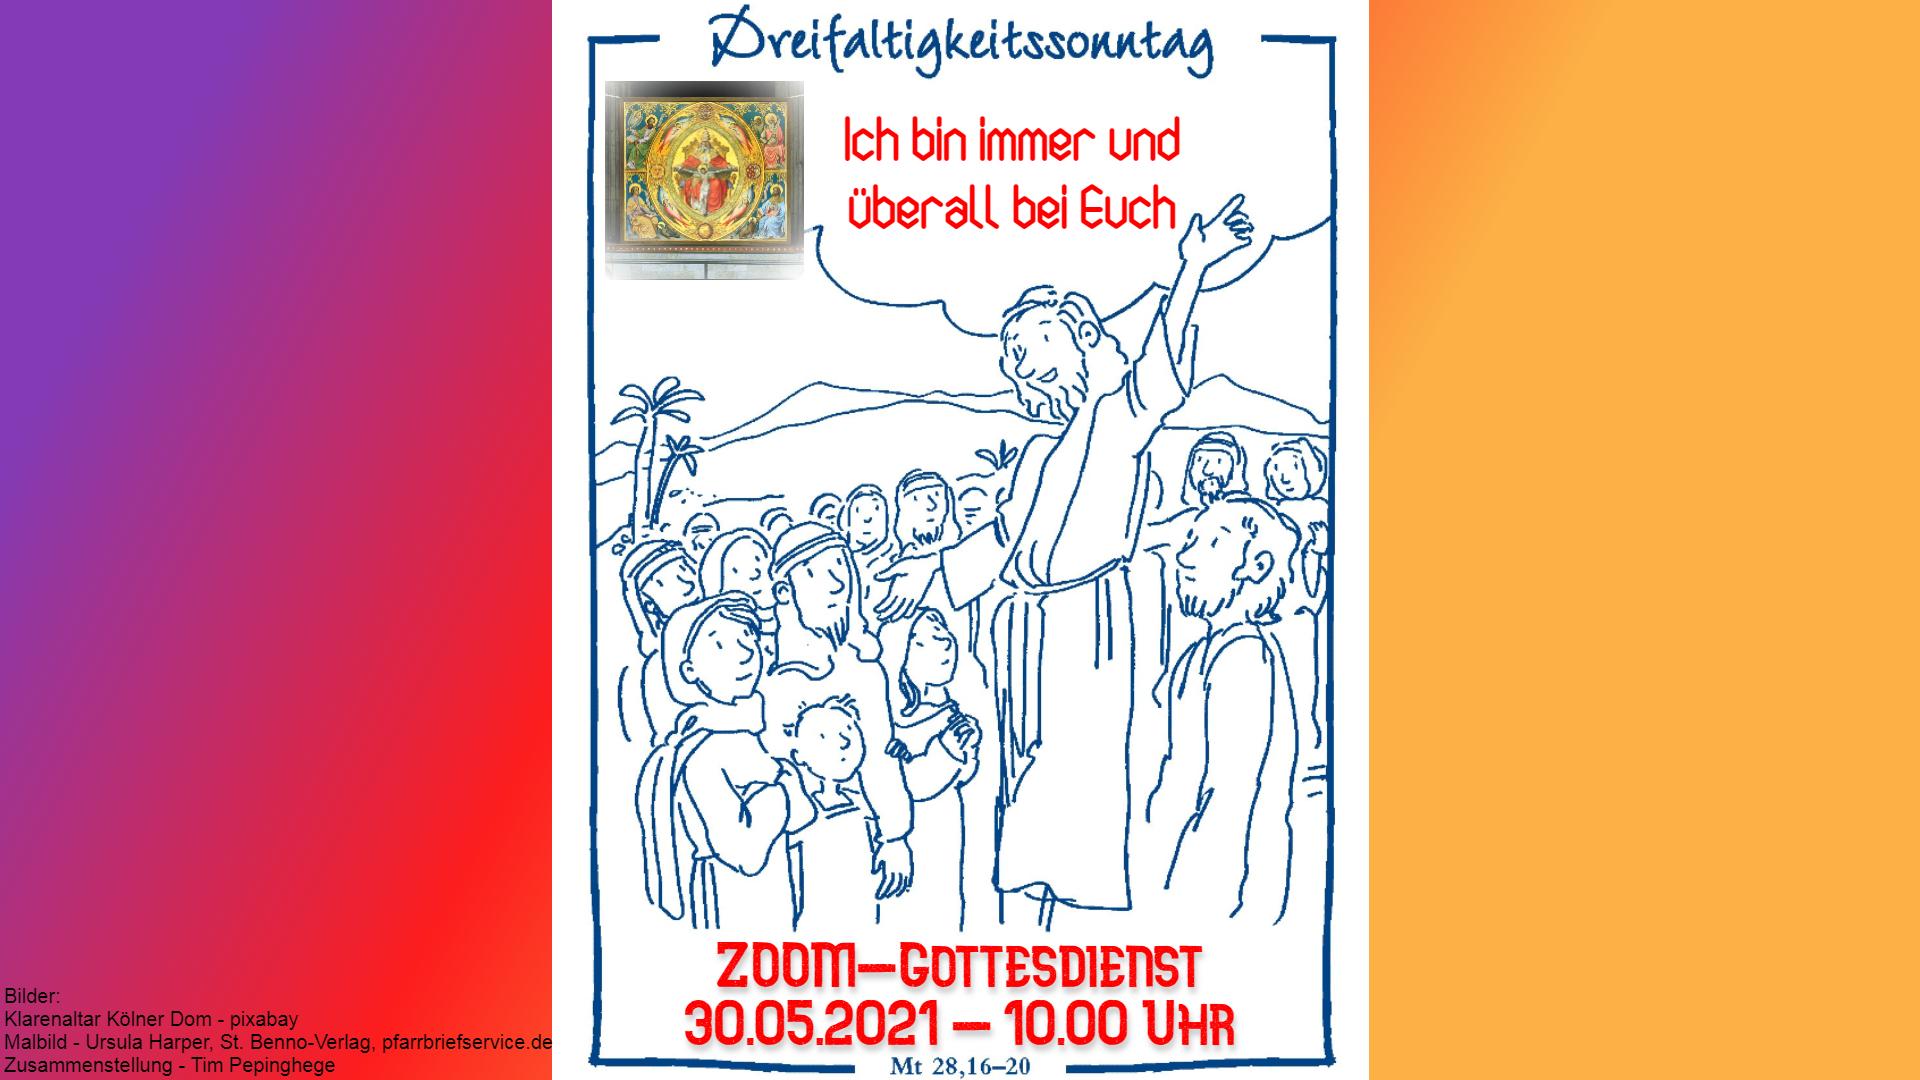 Zoom-Familiengottesdienst am Dreifaltigkeitssonntag